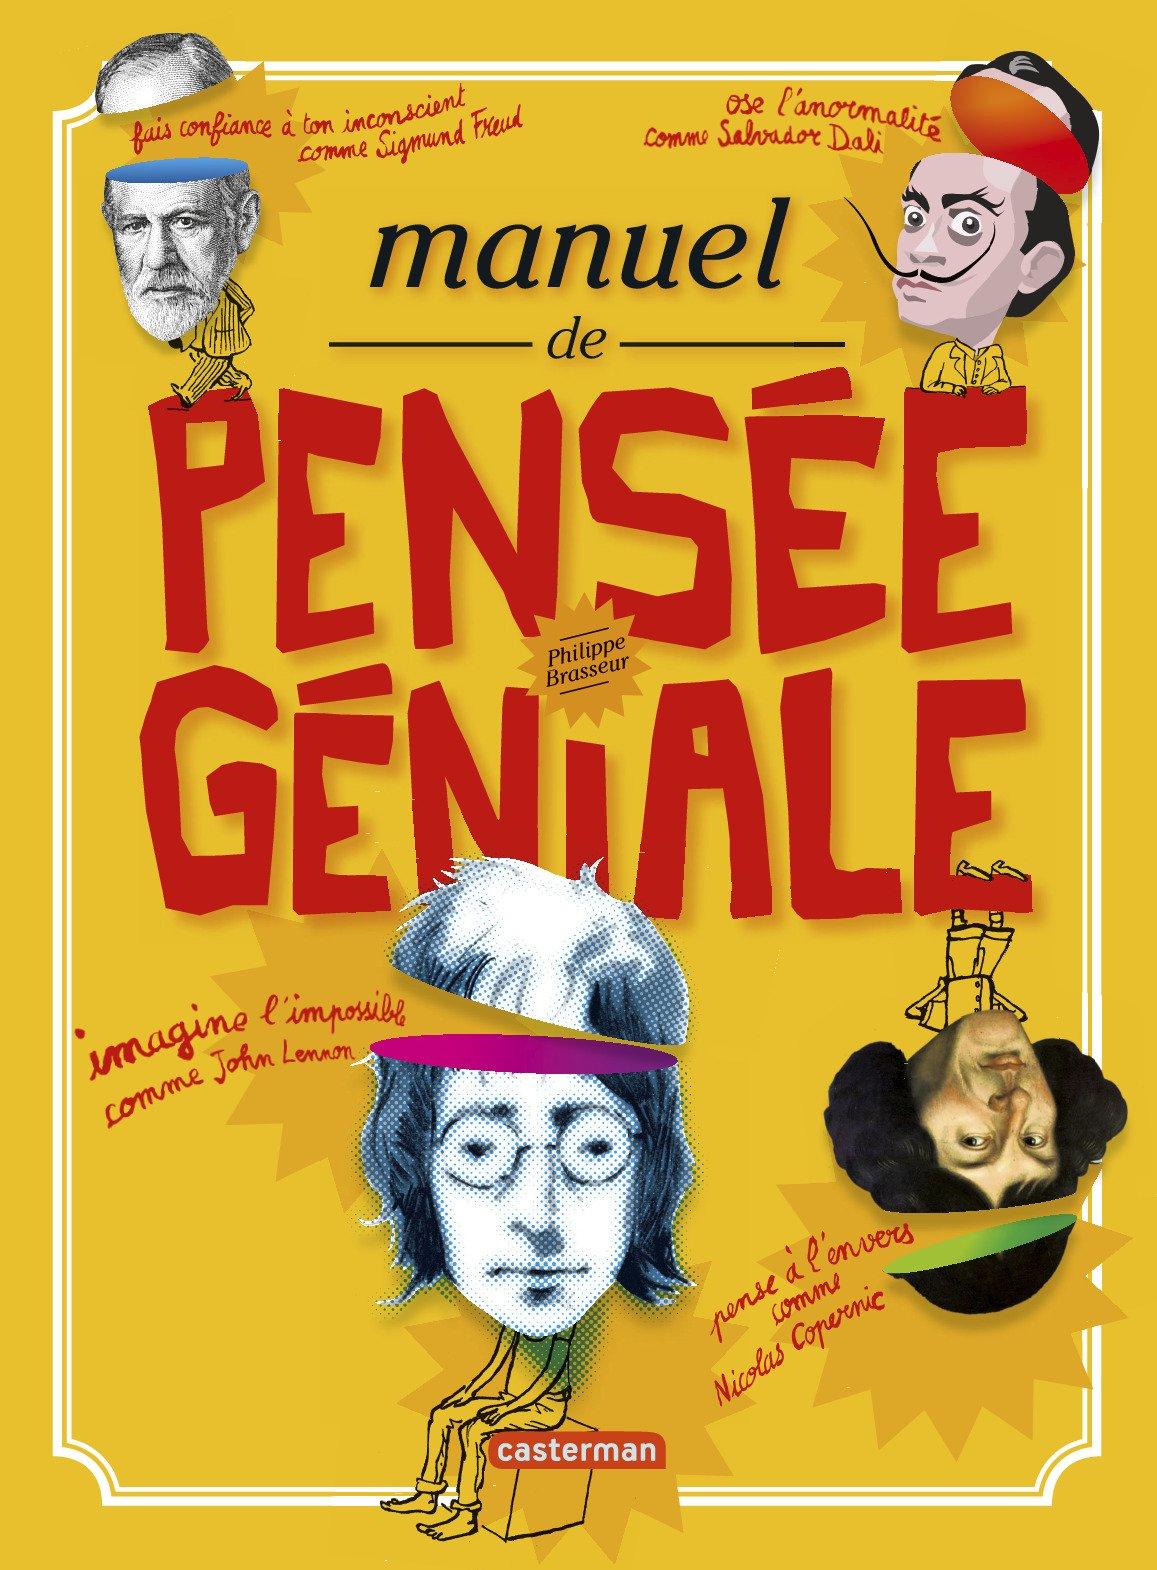 Manuel de Pensée Géniale : des exercices de pensée créative pour les enfants et ados